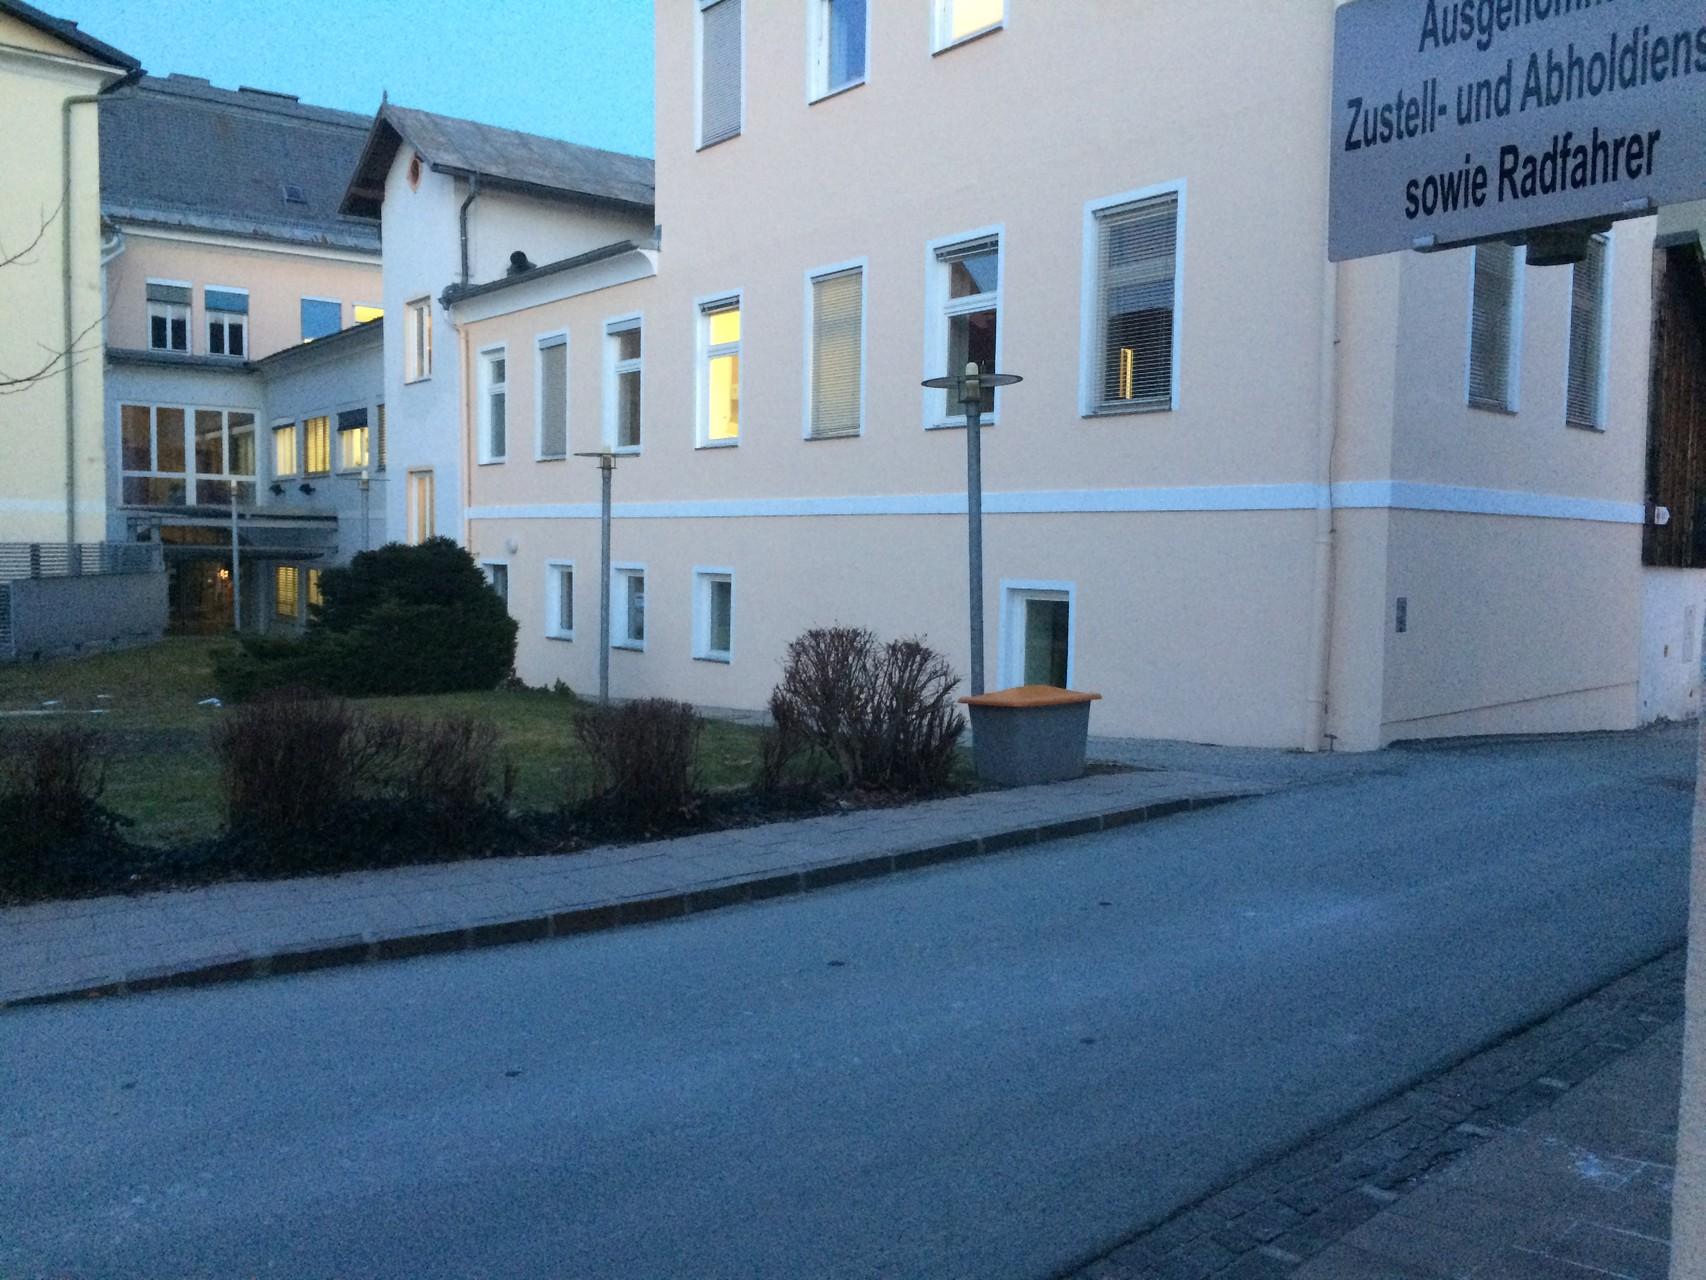 Der Schießstand befindet sich im Erdgeschoss der Stadtgemeinde Feldkirchen.